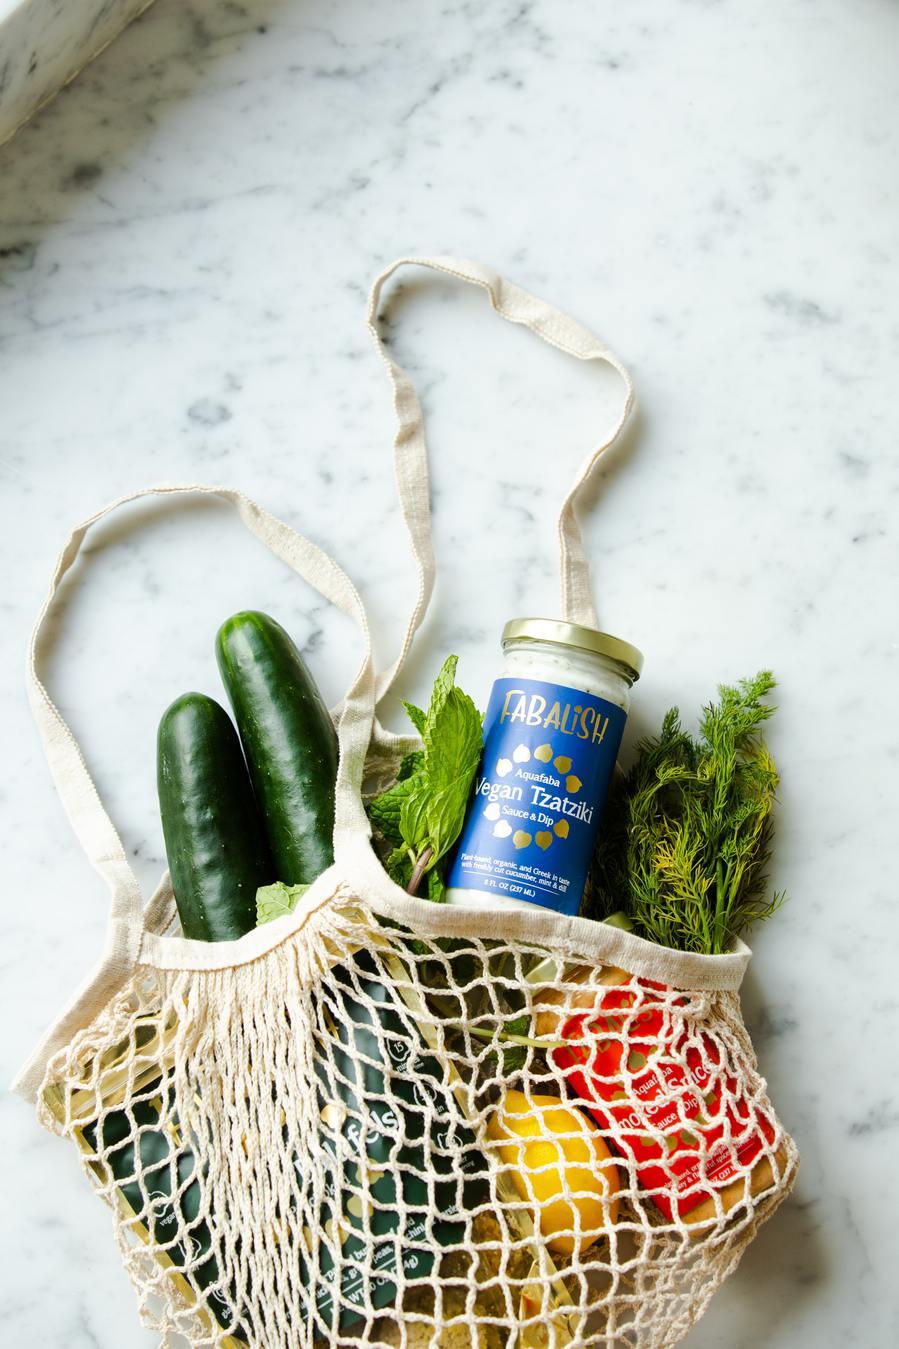 Bolsa de crochê com compras de supermercado